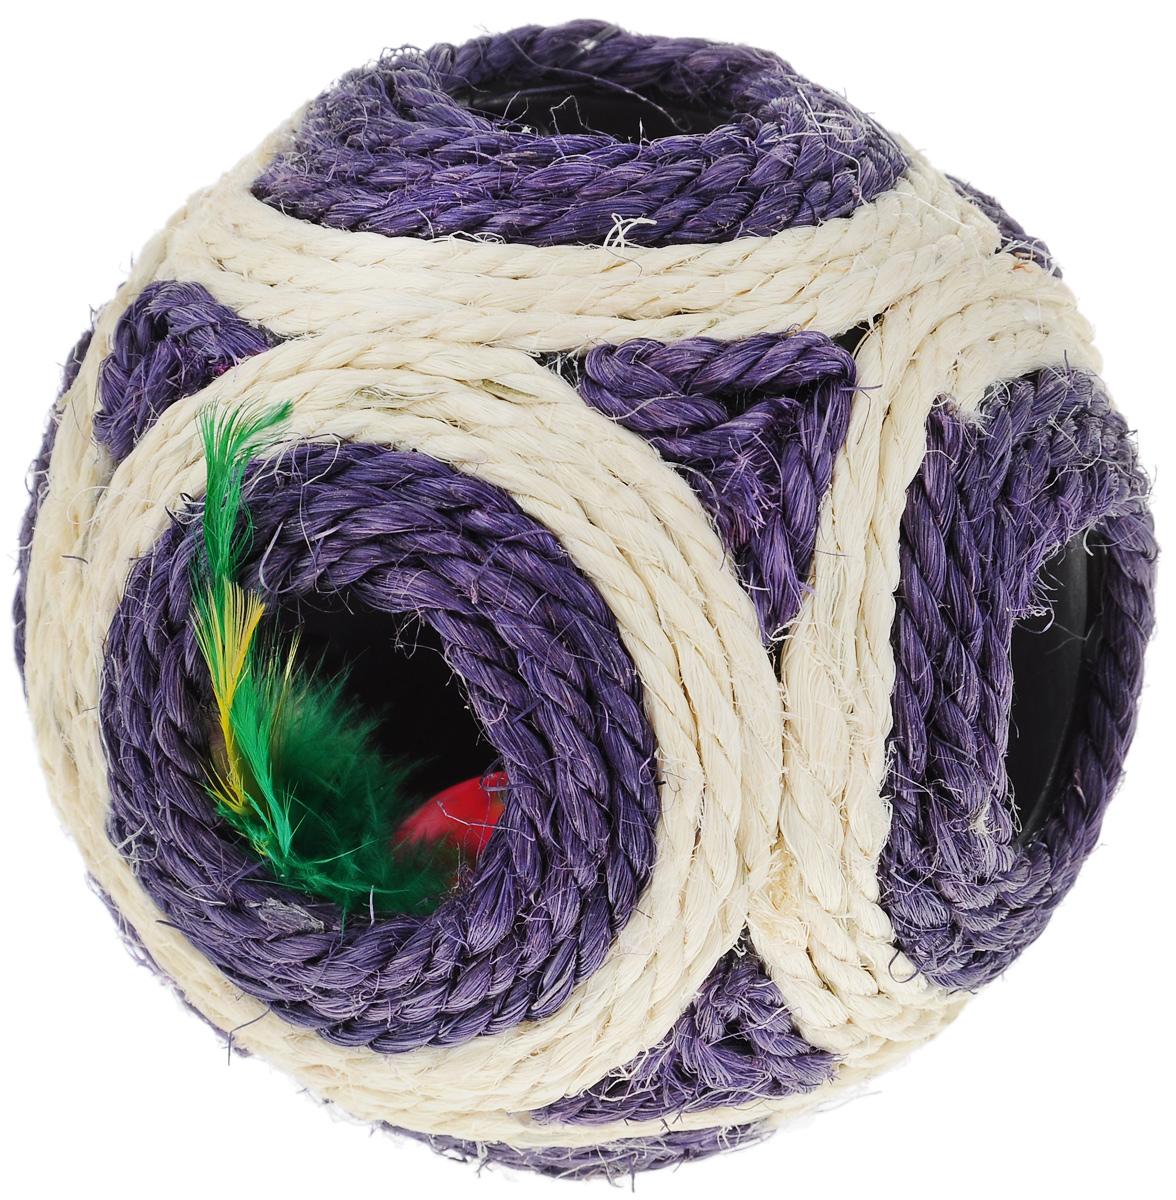 Когтеточка Triol Мяч, цвет: фиолетовый, слоновая кость, диаметр 11,5 см когтеточки joy коврик когтеточка для кошек